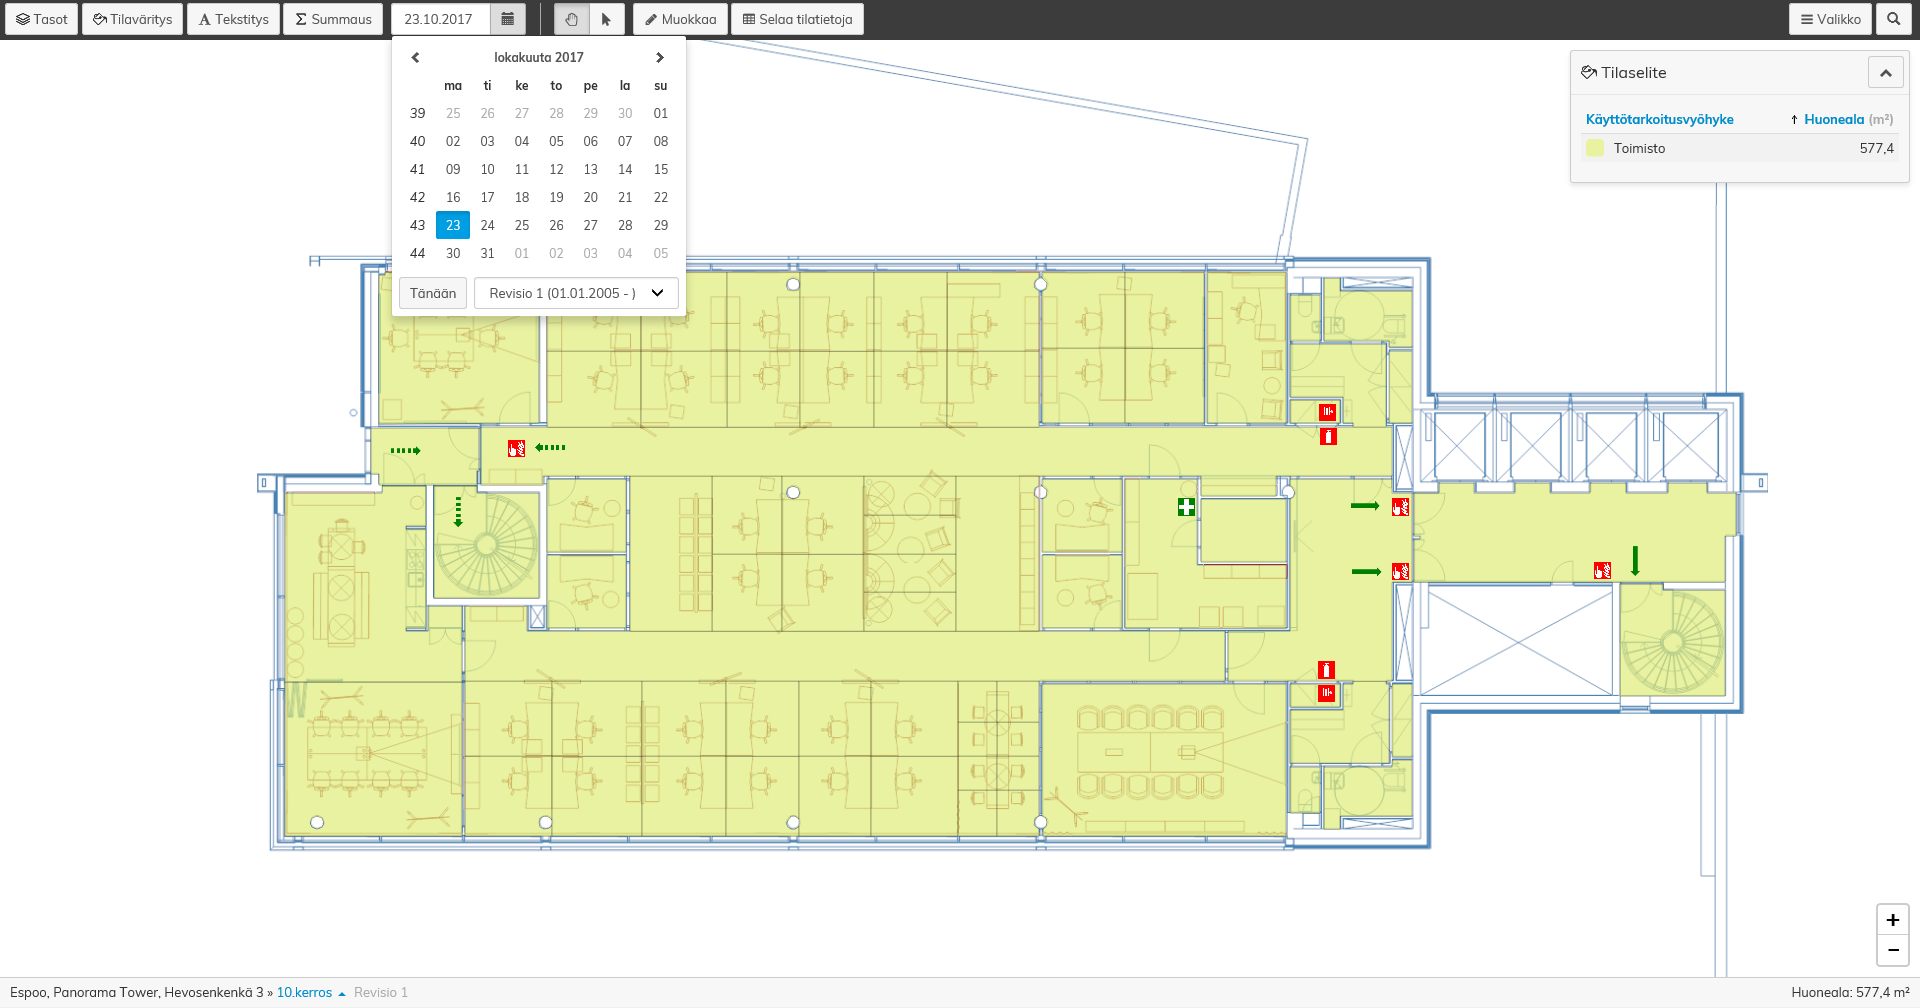 Havainnollisiin Optimaze pohjapiirustuksiin voit esimerkiksi lisätä pelastussymboleja, määritellä tiloille voimassaoloaikoja ja luokitella tilat käyttötarkoituksen mukaan.